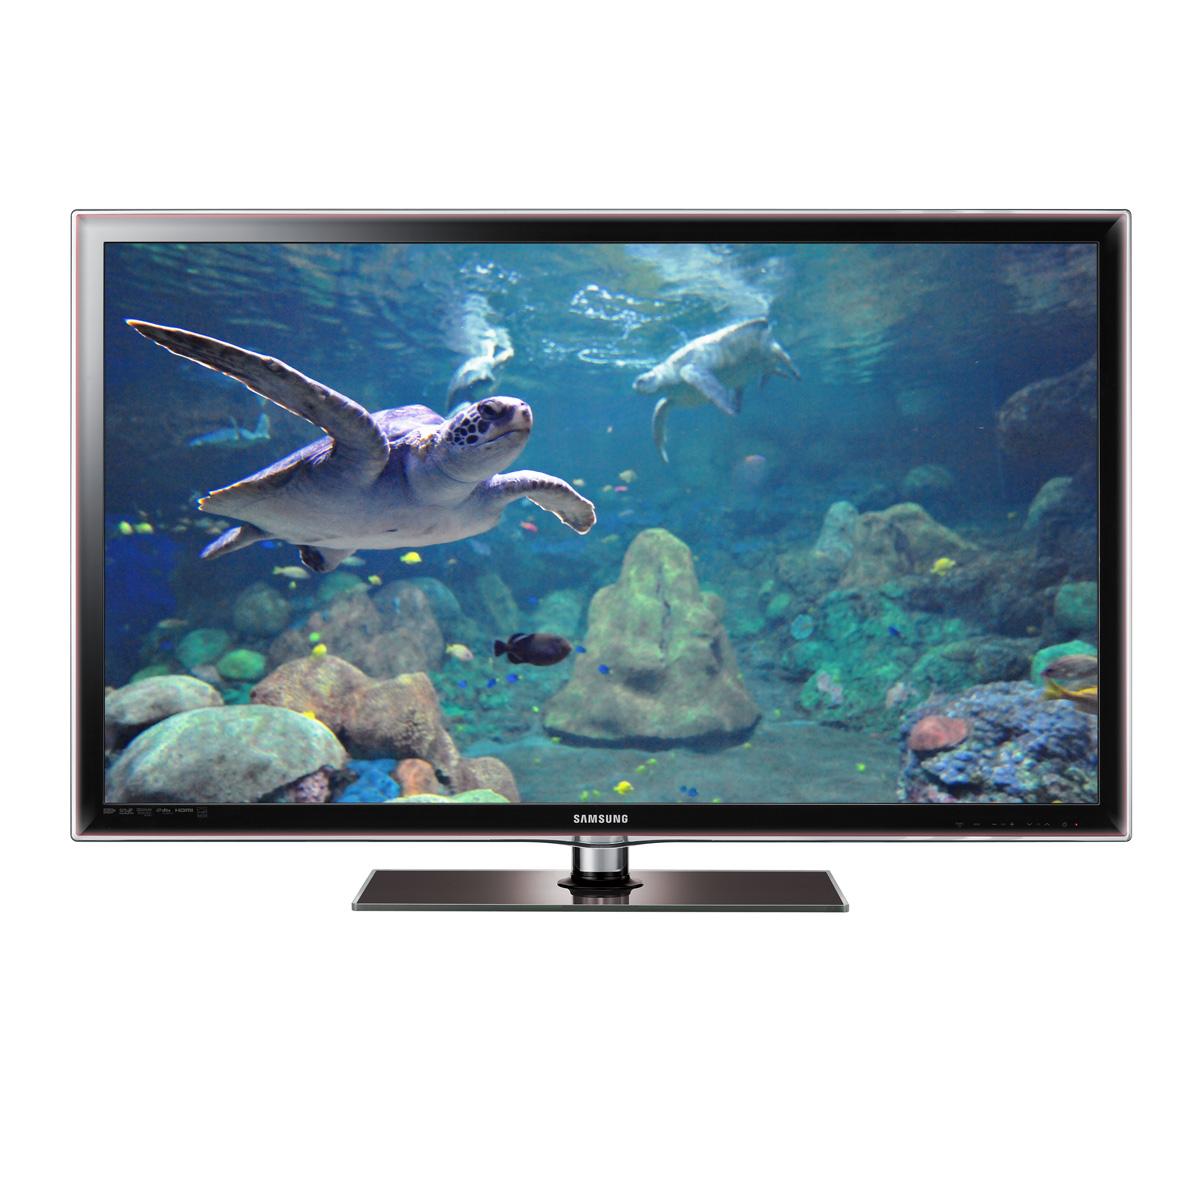 samsung series 6 d6000 reviews productreview com au rh productreview com au Samsung TV Audio Out Samsung LED D6000